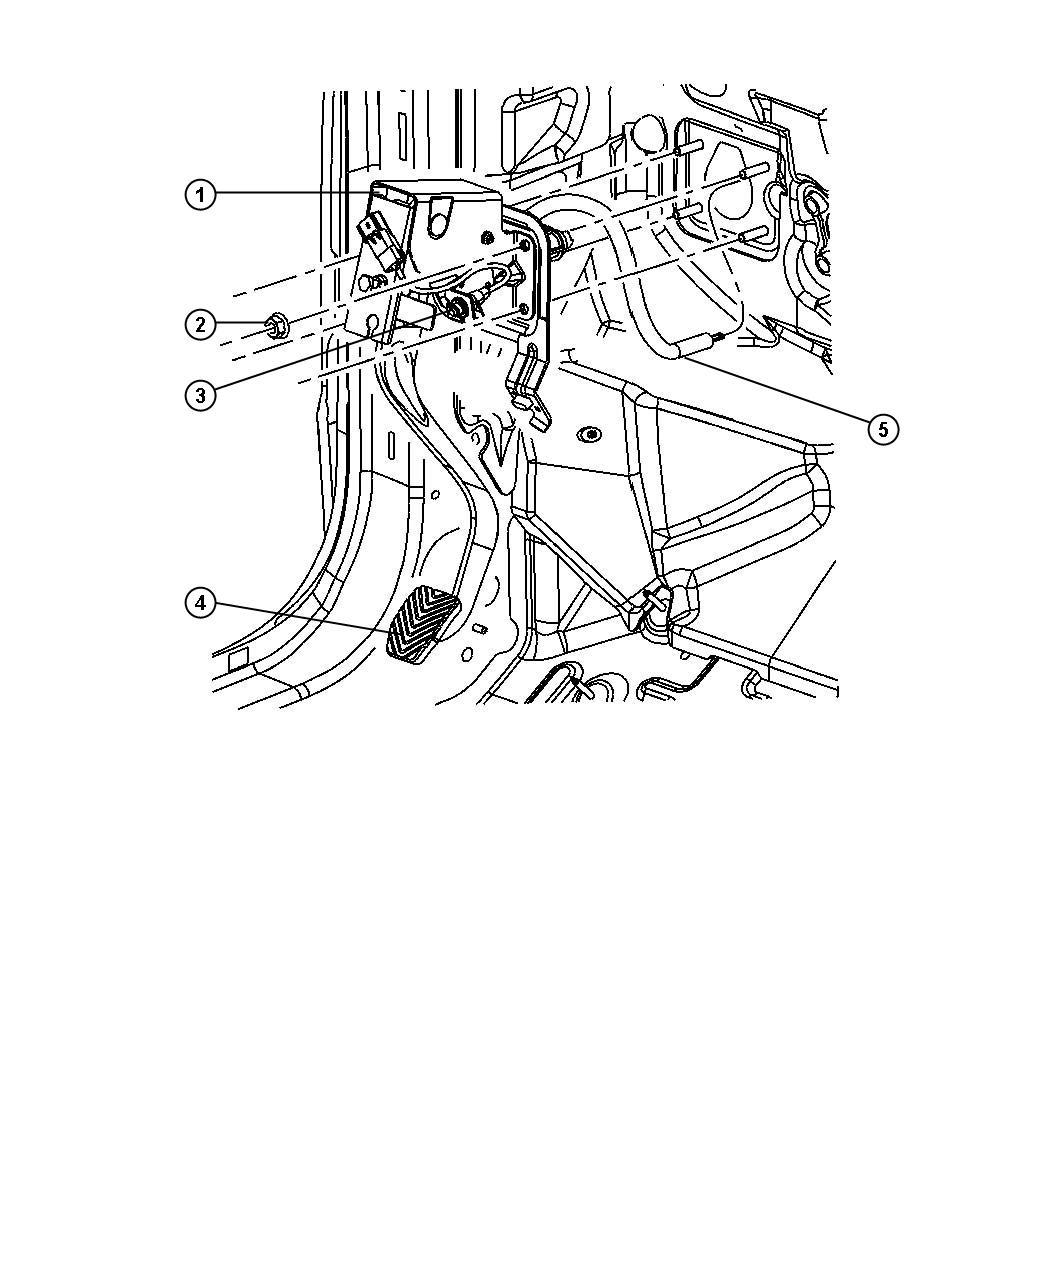 Dodge Caliber Pedal. Clutch. [5-speed manual t355